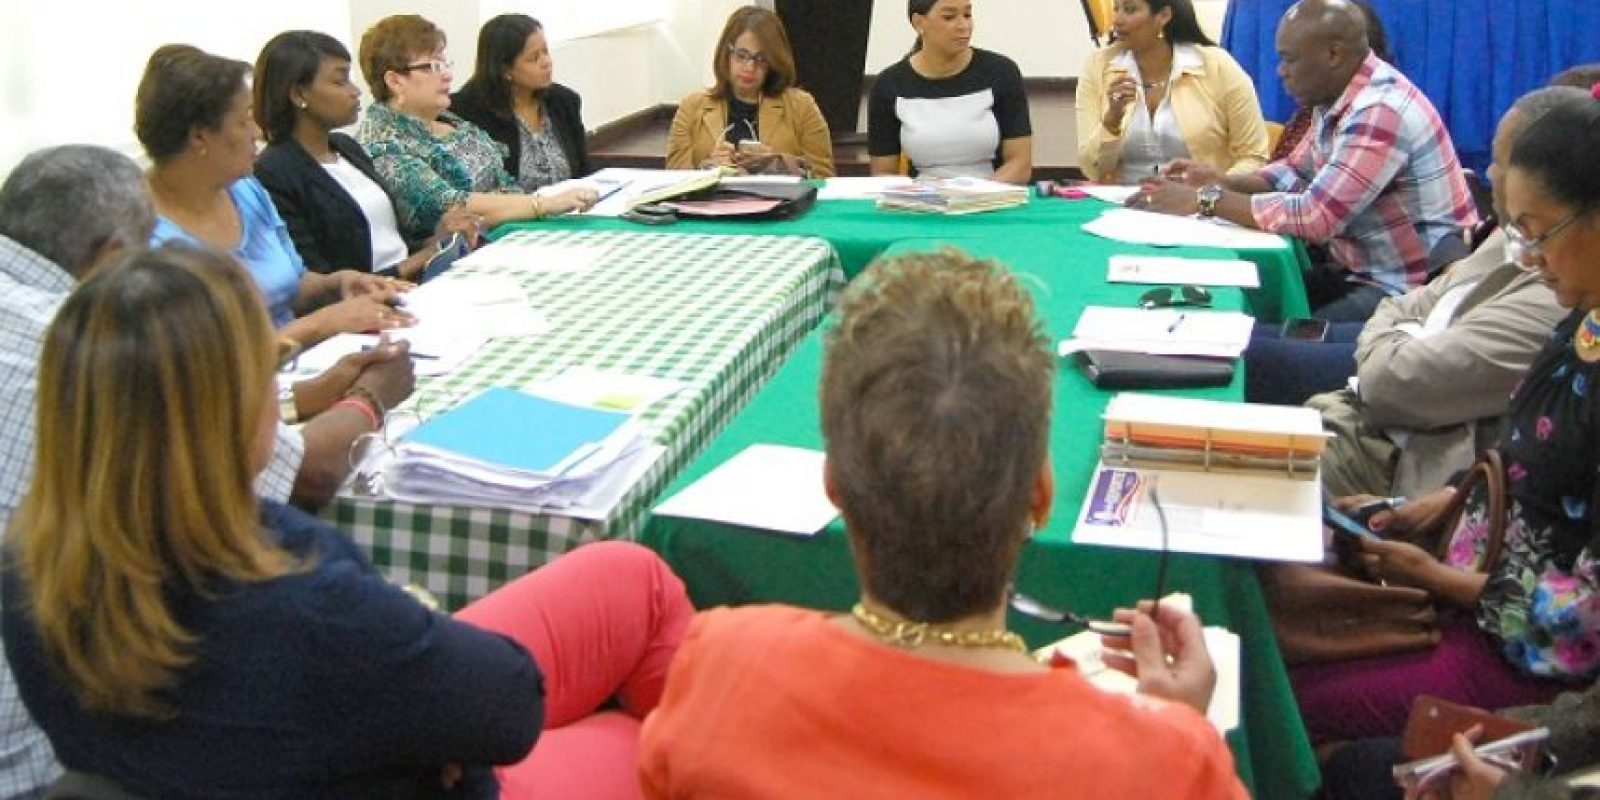 Milagros Cabral, José Luis Suero y la viceministra Yadira Issa encabezaron los trabajos que se realizaron este jueves en la preparación de los Juegos de la Mujer. Foto:Fuente Externa